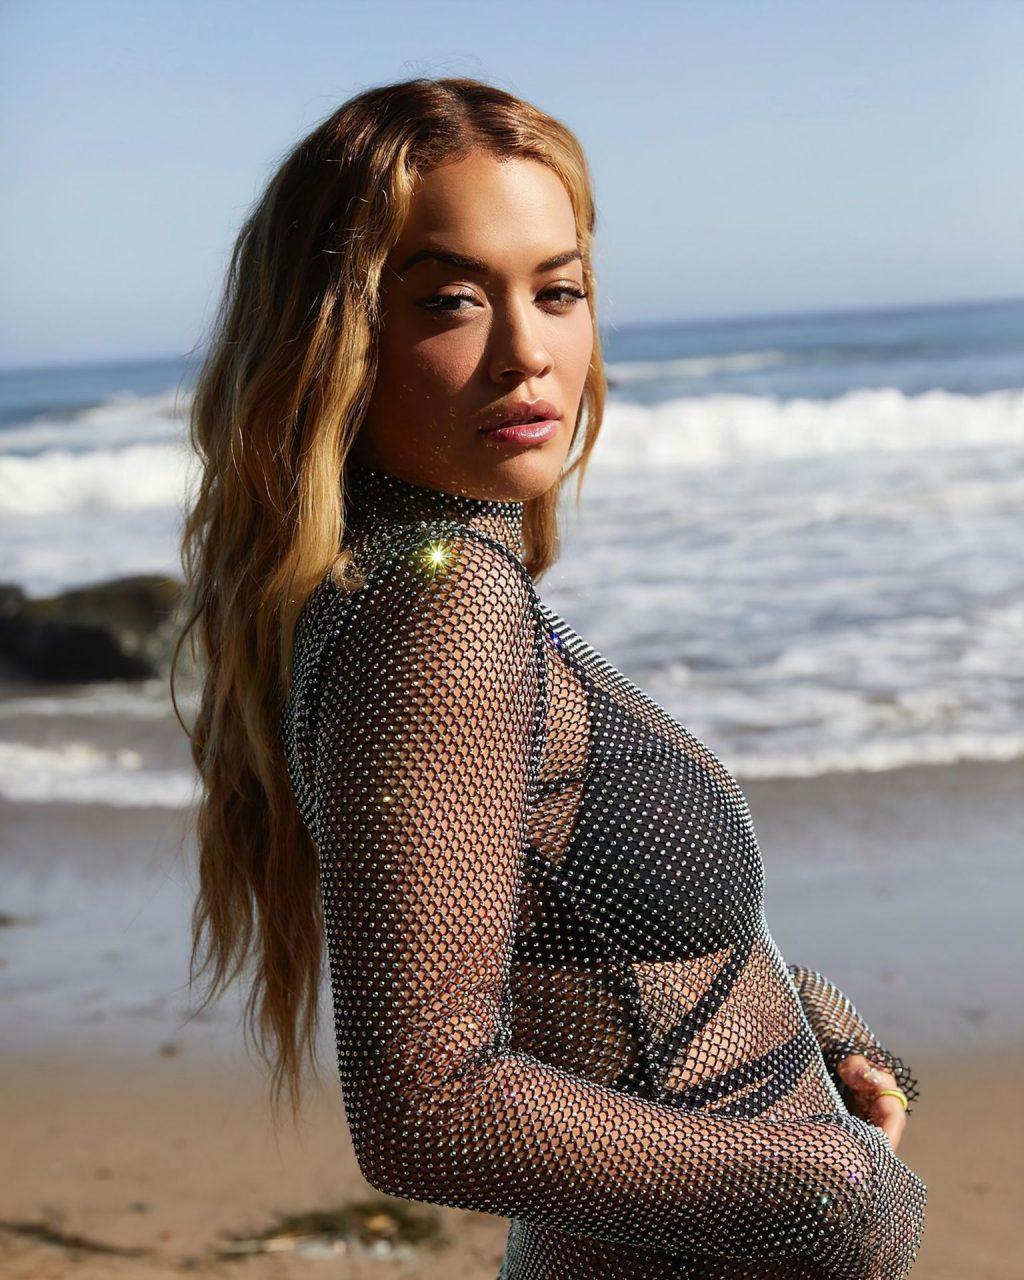 Rita Ora Sexy Collection (25 Photos + Videos) [Updated]